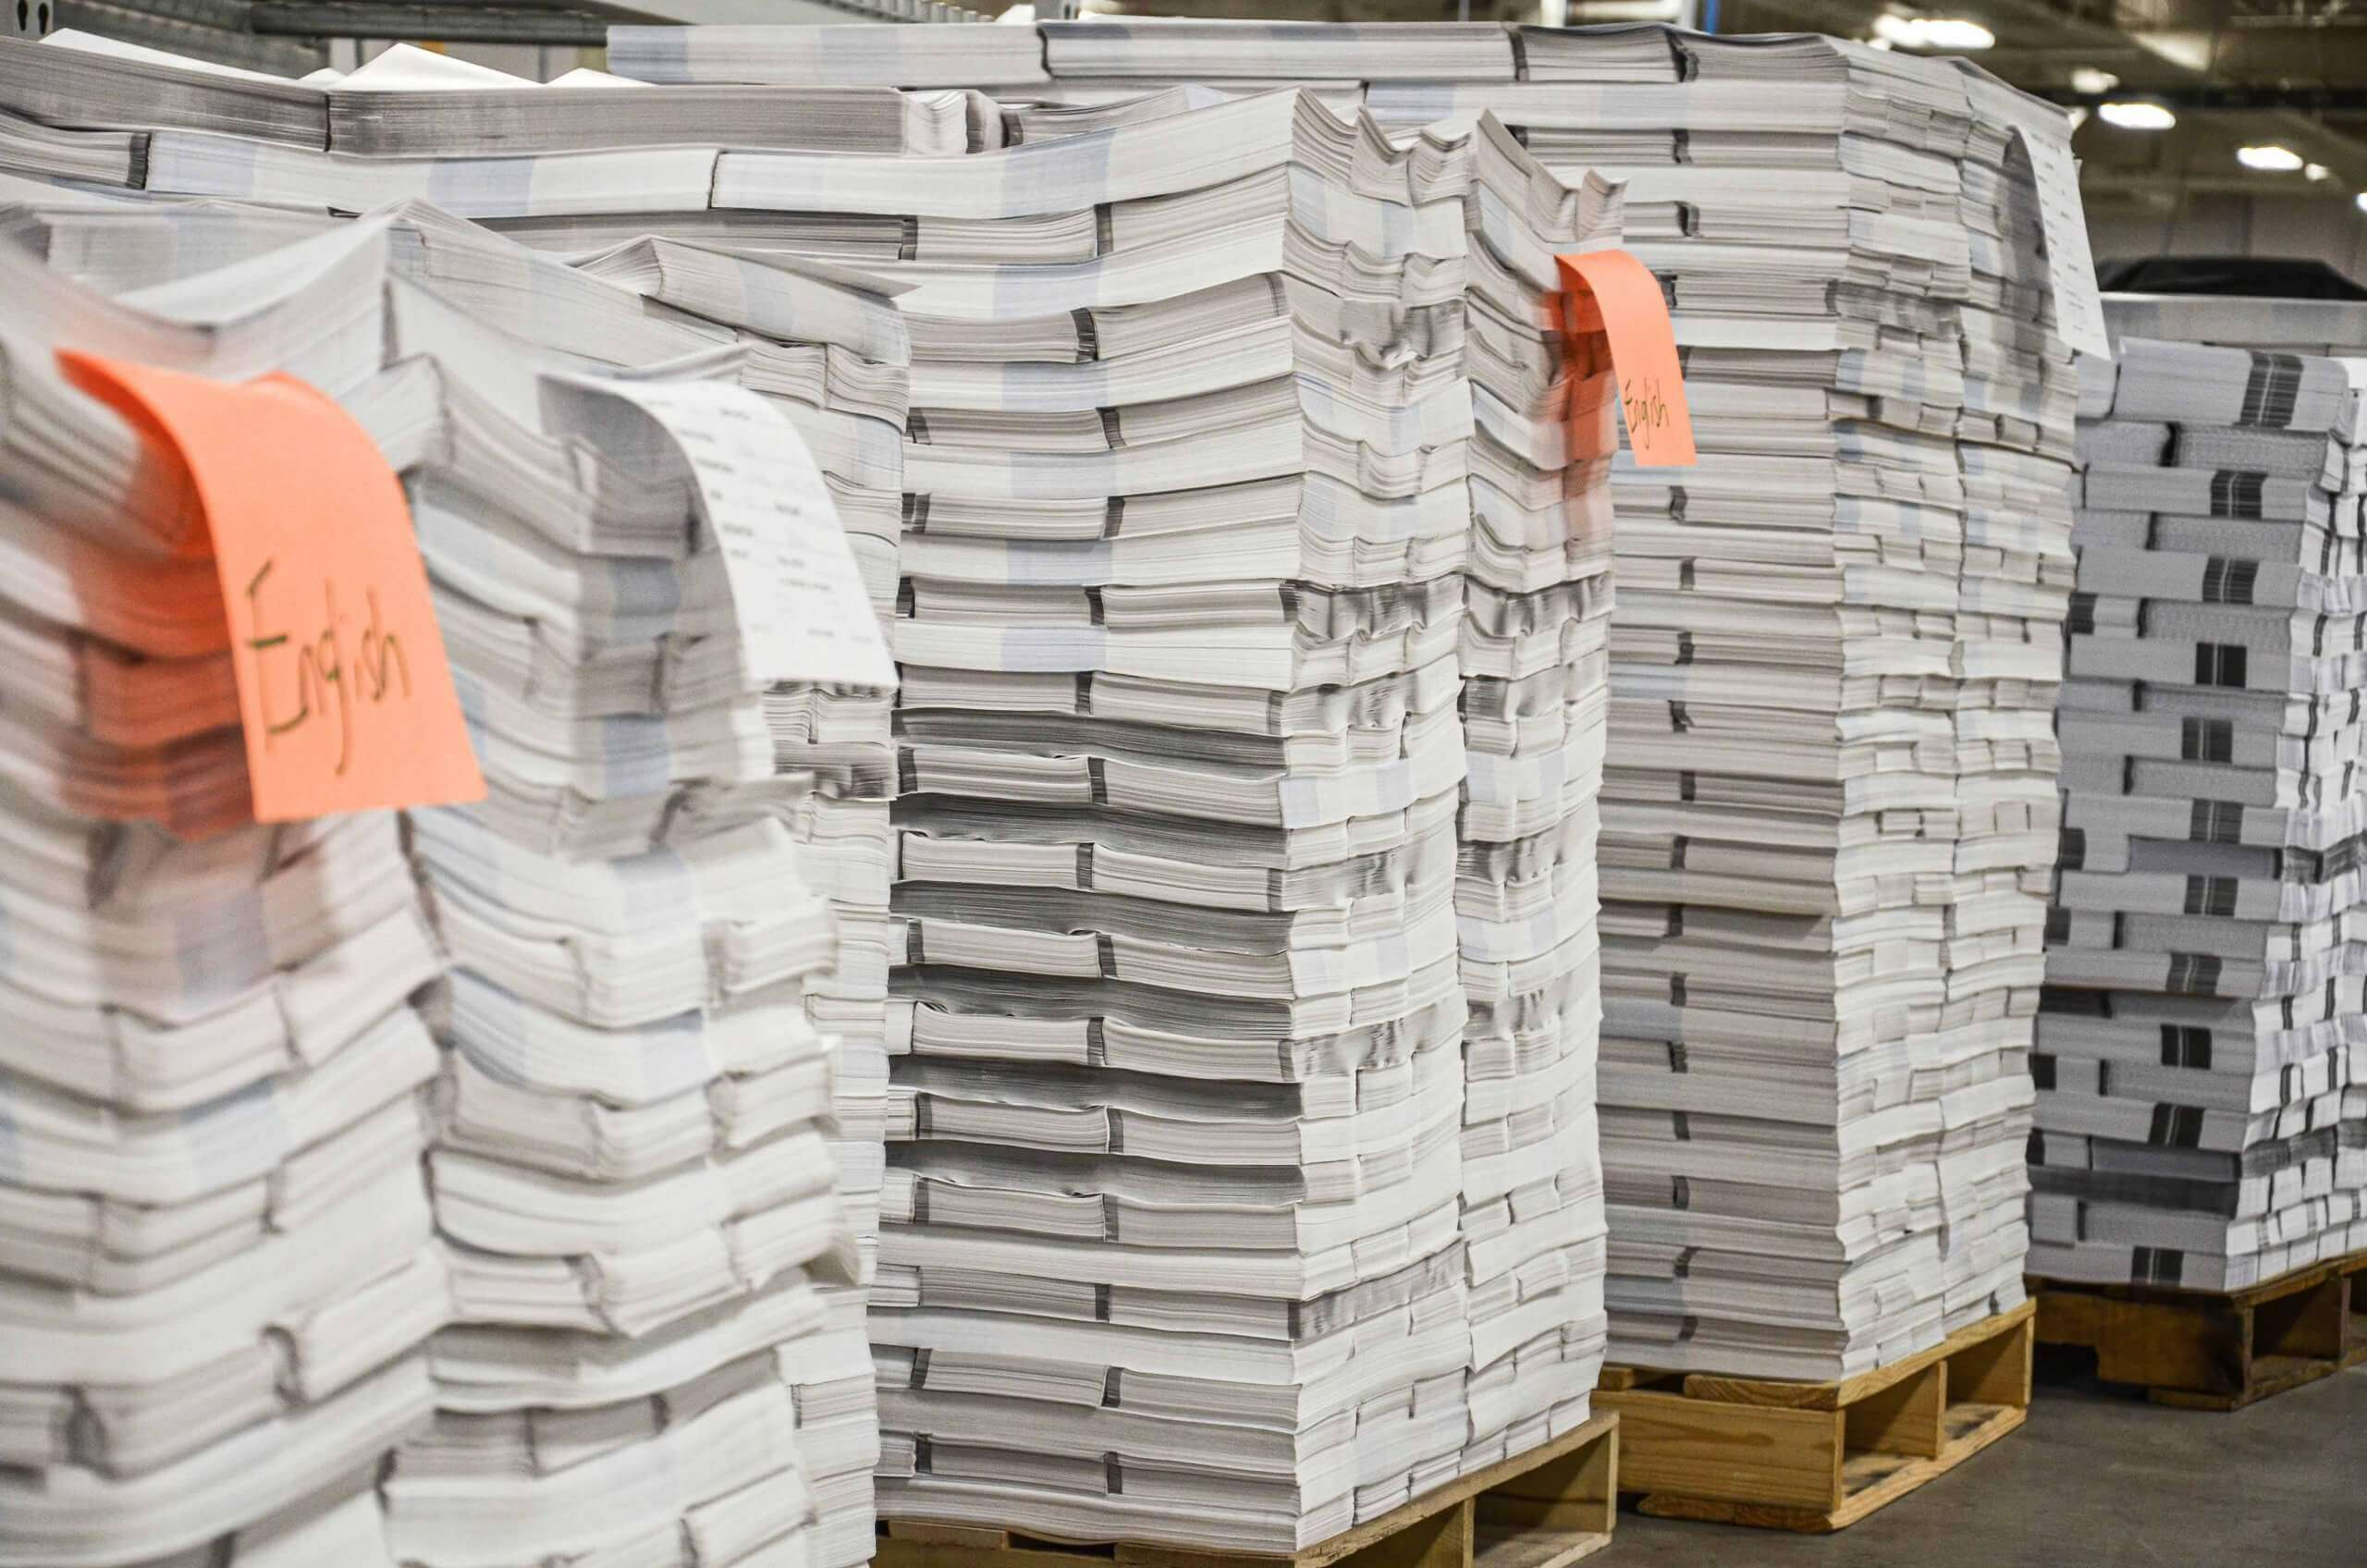 Produktionsabfall aus Druckereien gestapelt auf Paletten